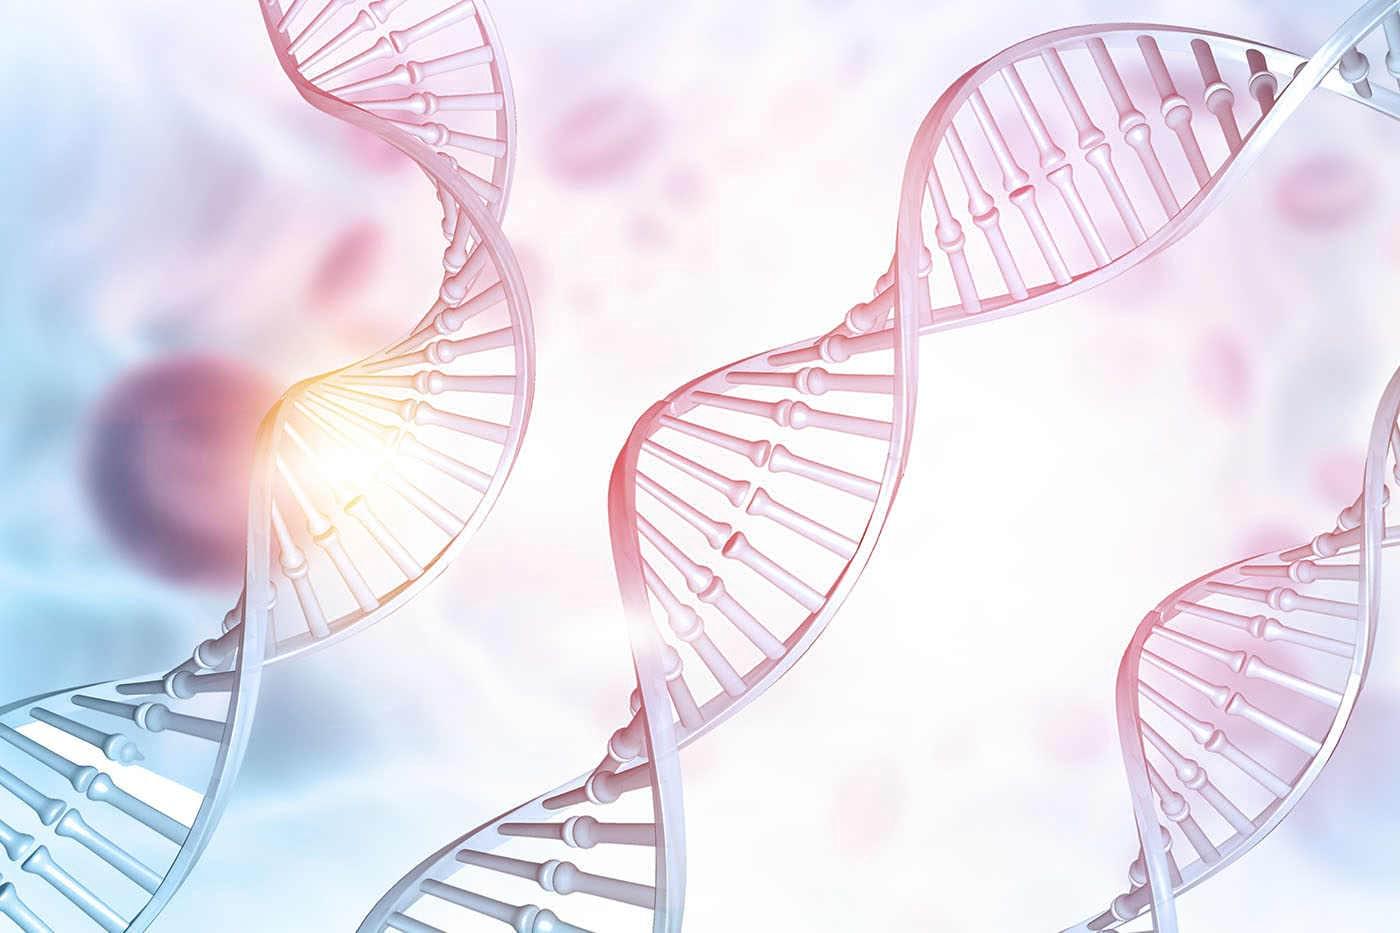 ADN-ul influențează capacitatea de eliminare a amintirilor înfricoșătoare [studiu]